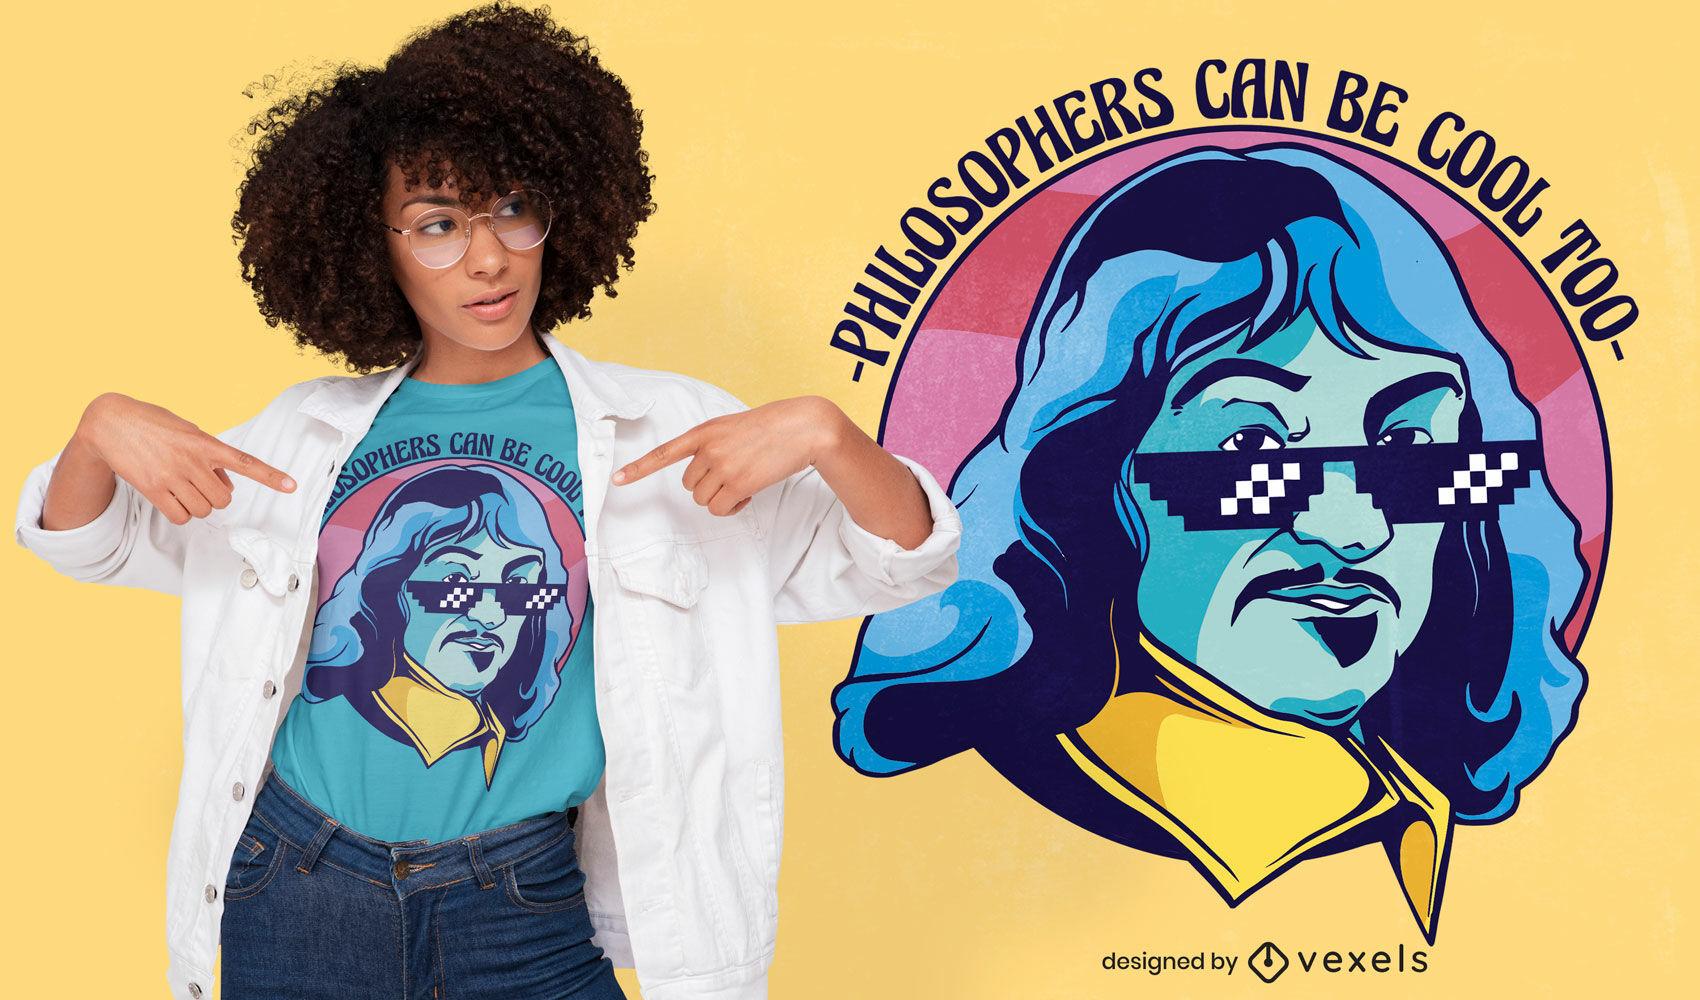 Cool Descartes philosopher t-shirt design